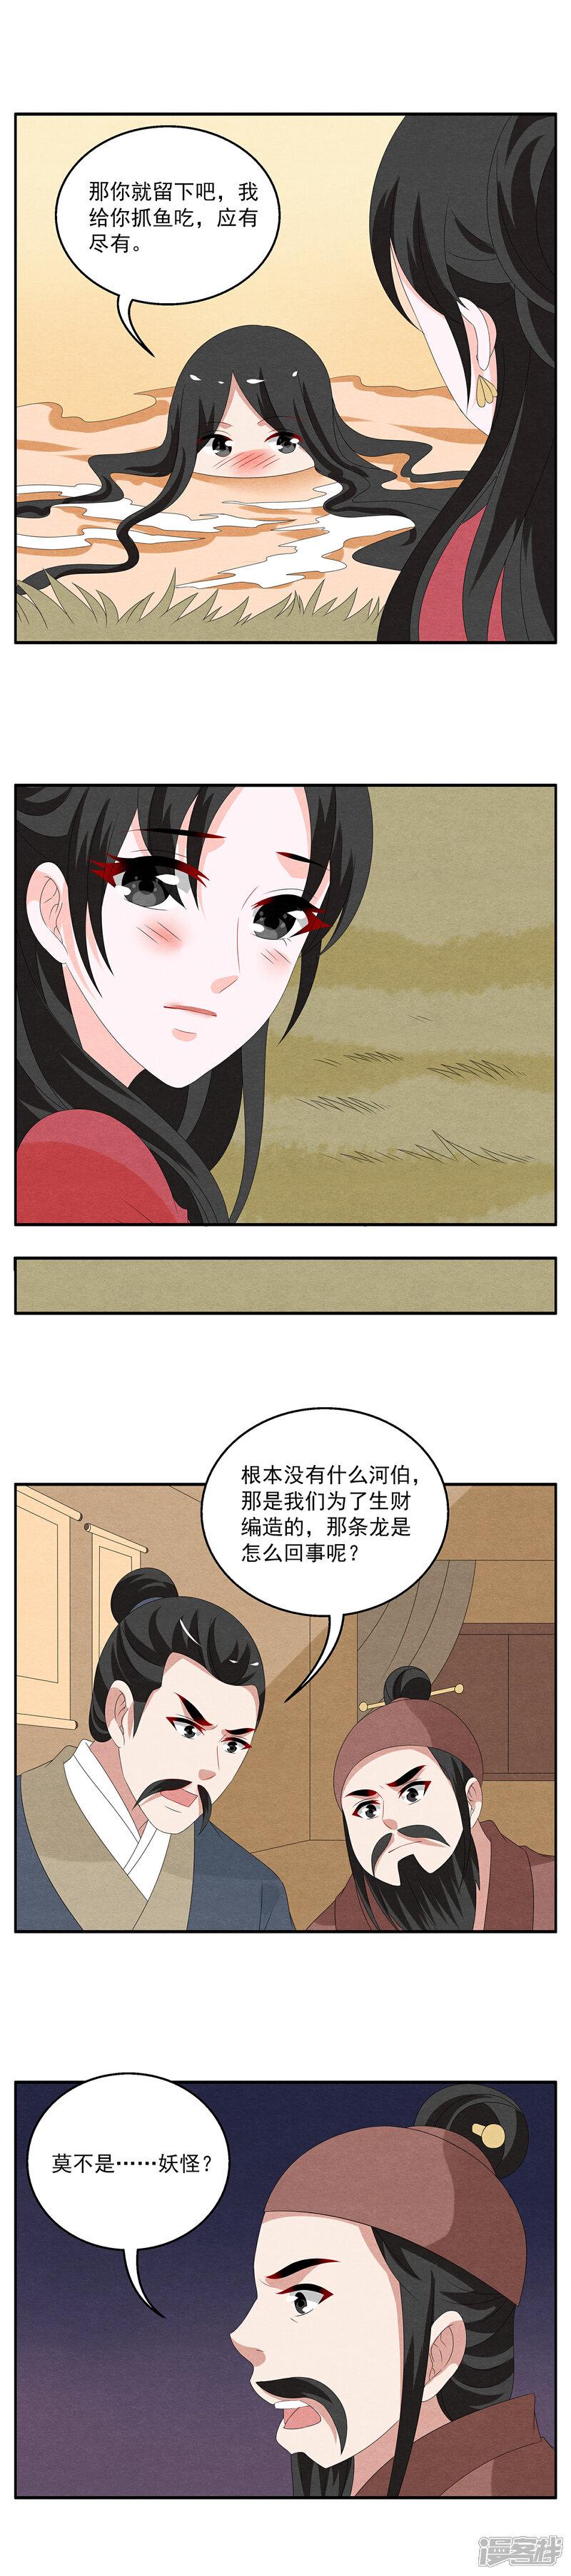 洛小妖112 (6).JPG